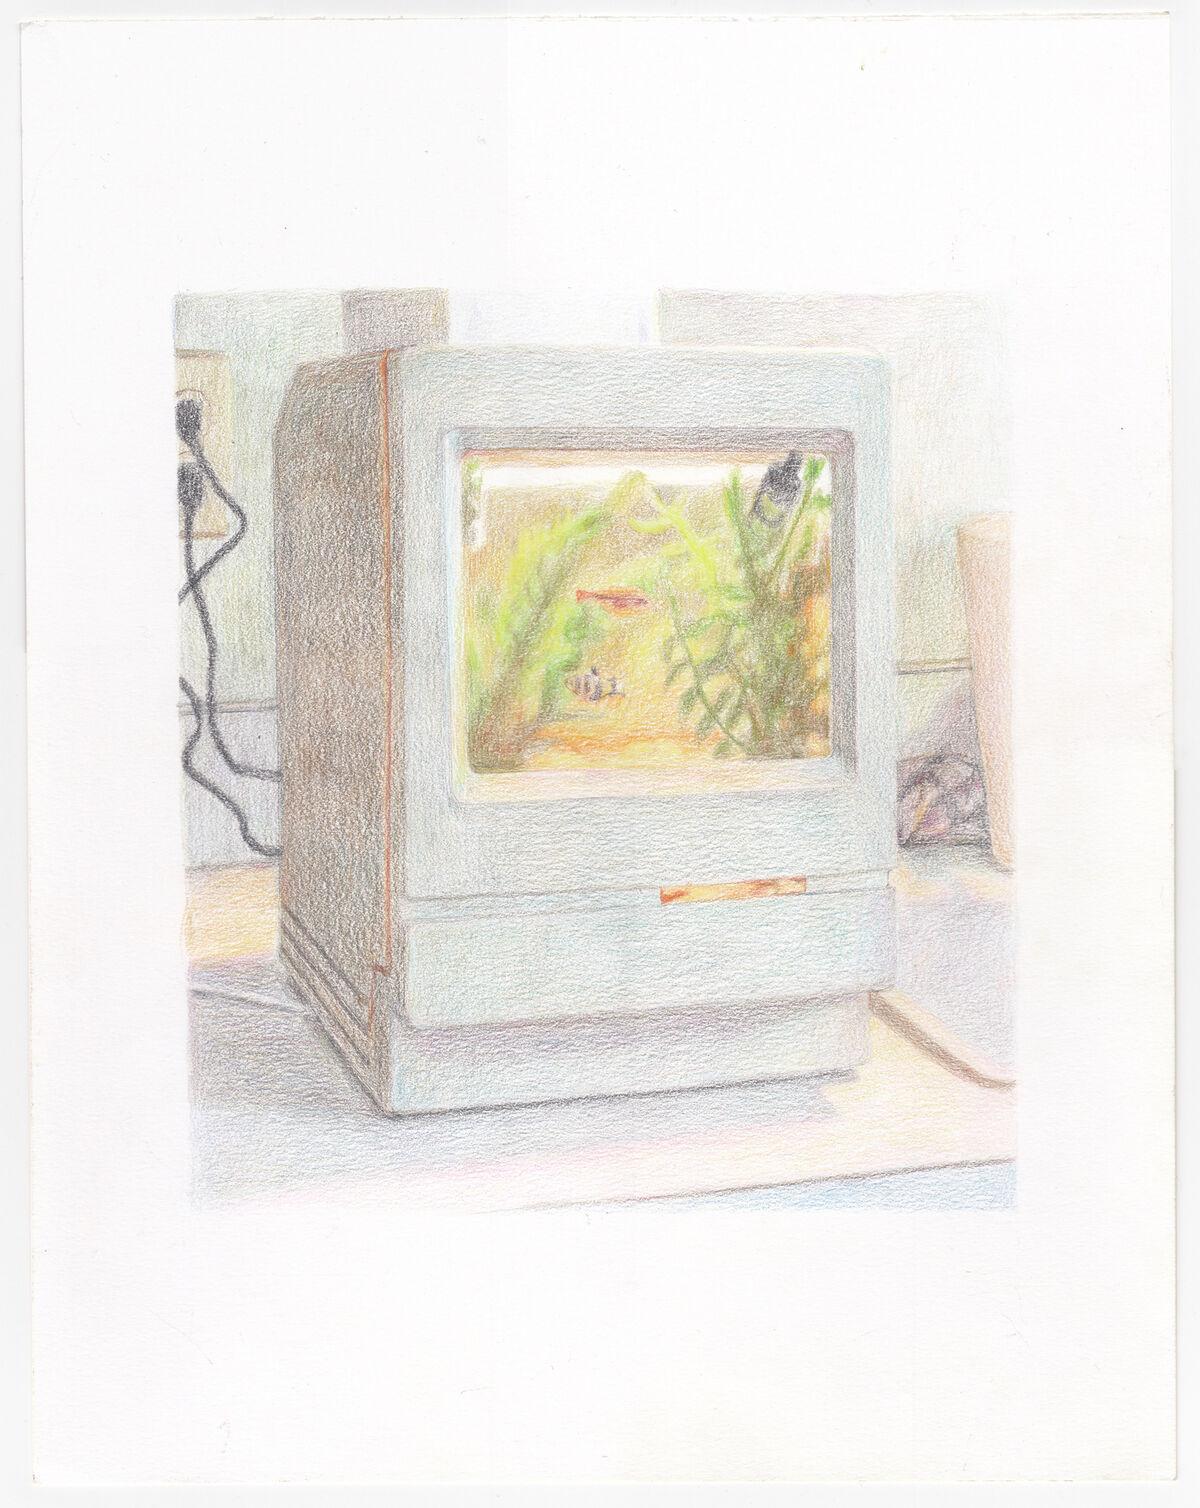 Jennifer Lee, Untitled, 2017. Courtesy of Flat File.